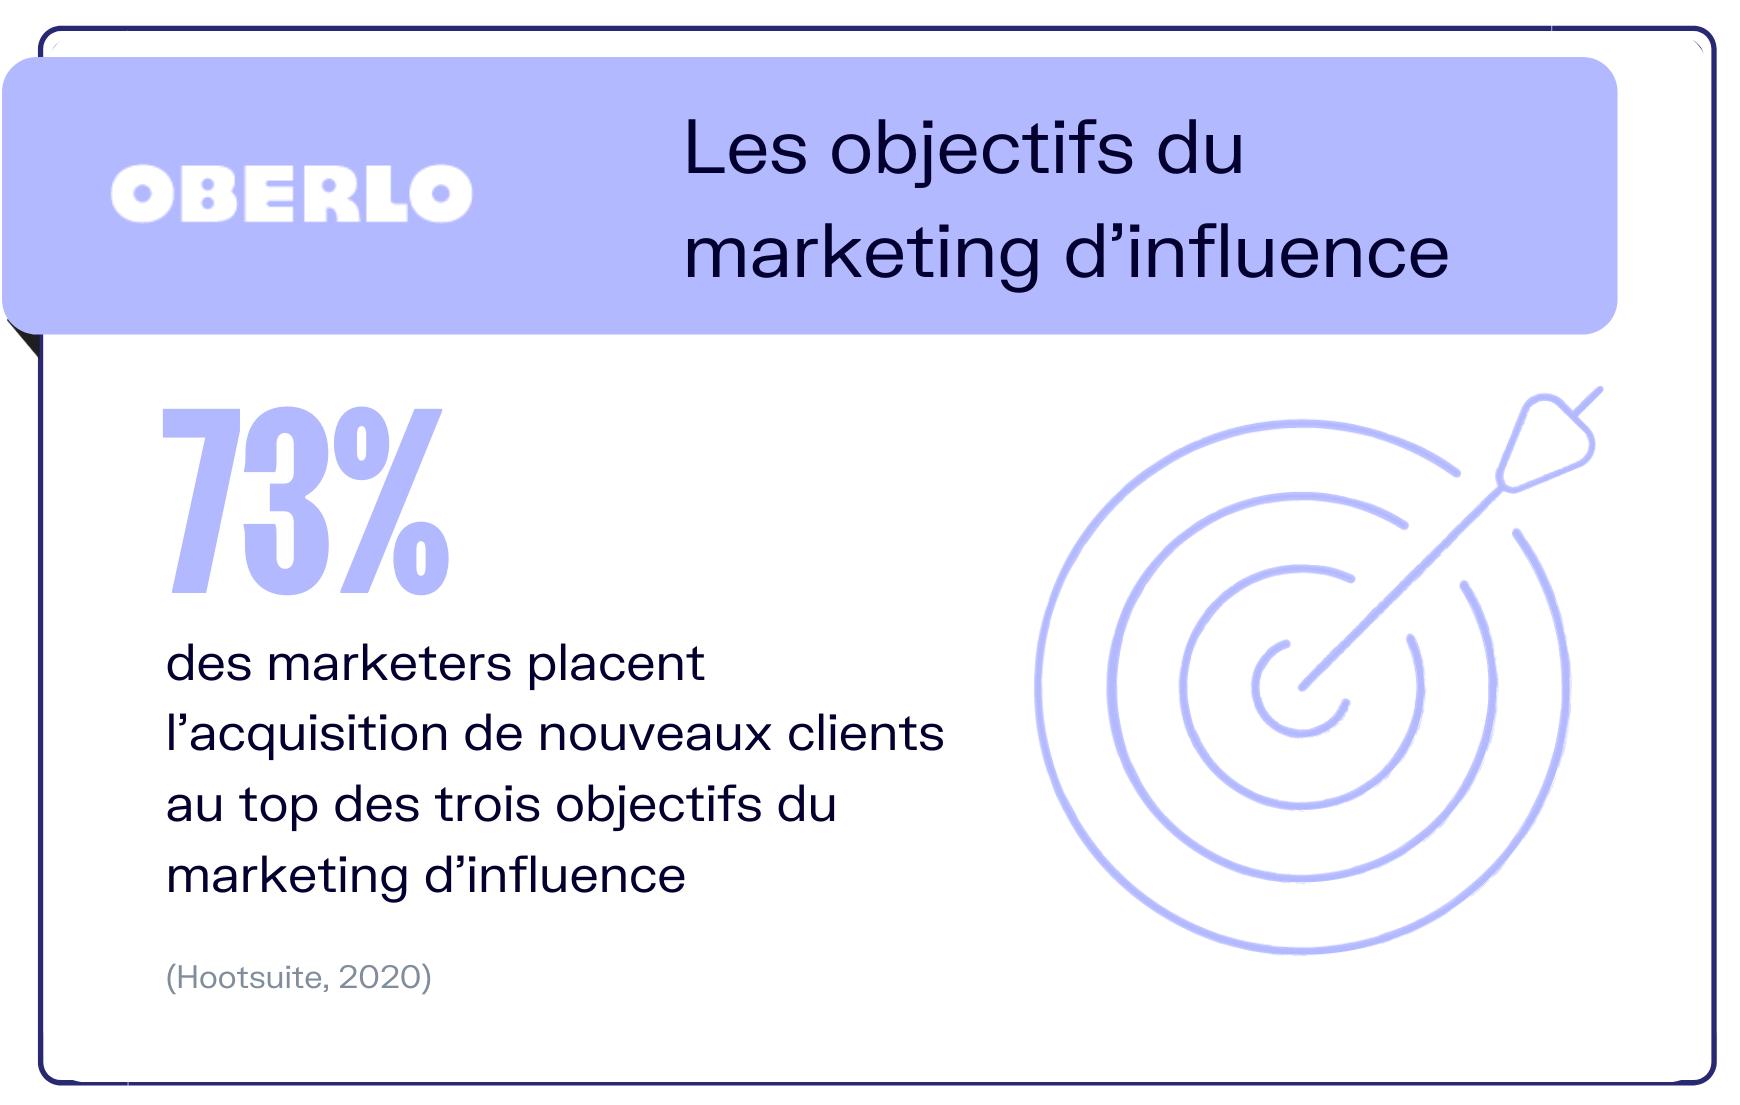 objectifs marketing influence